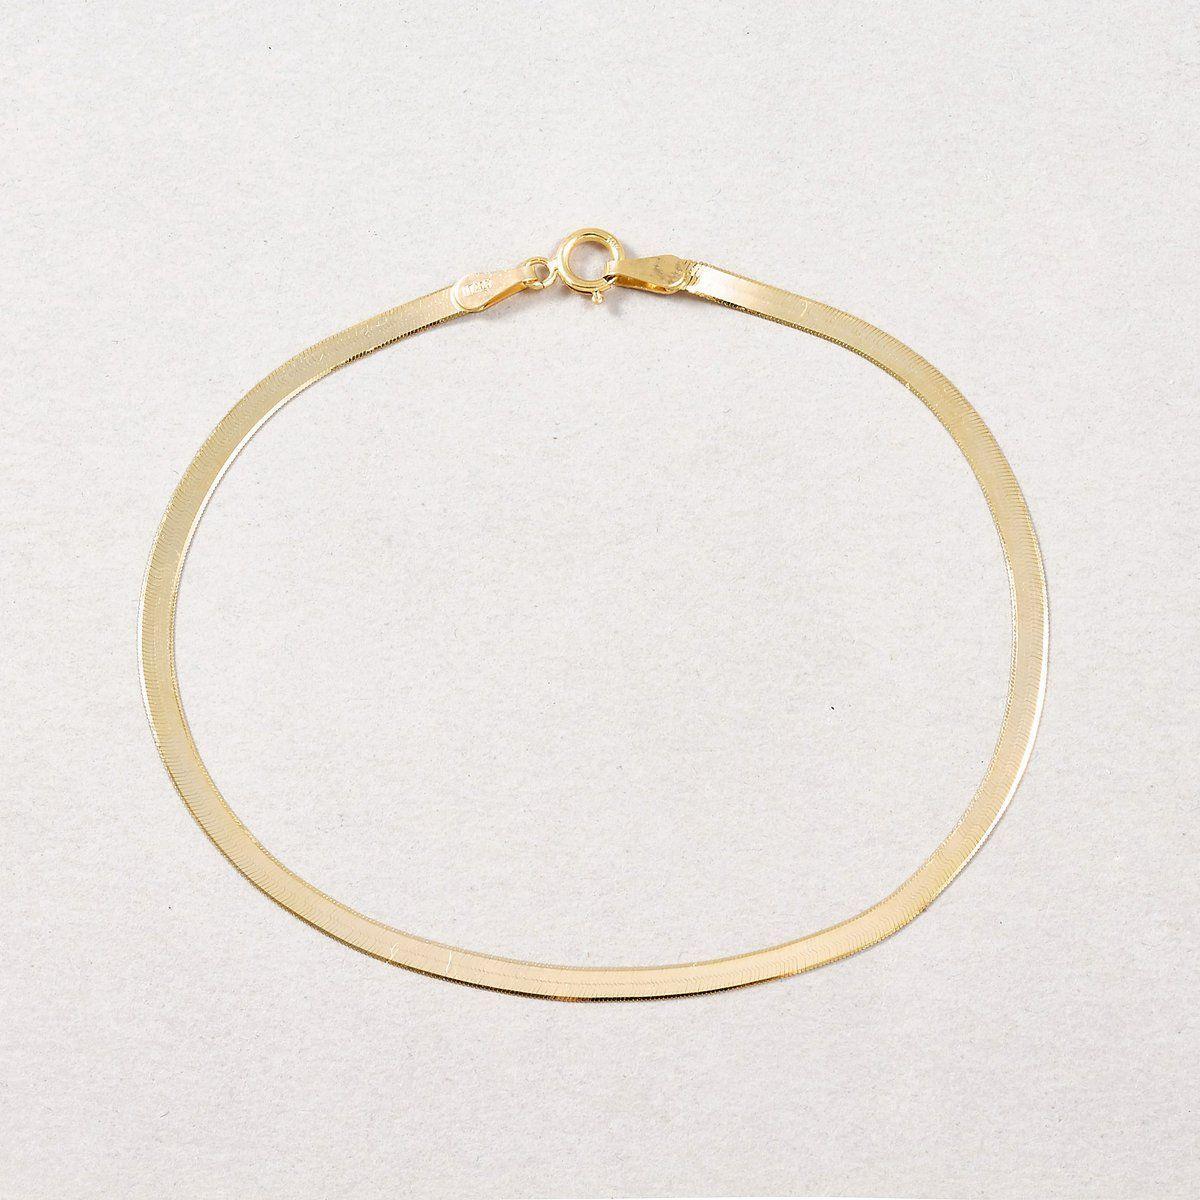 Herringbone Bracelet In 2020 Bracelets Herringbone Necklace 10kt Gold